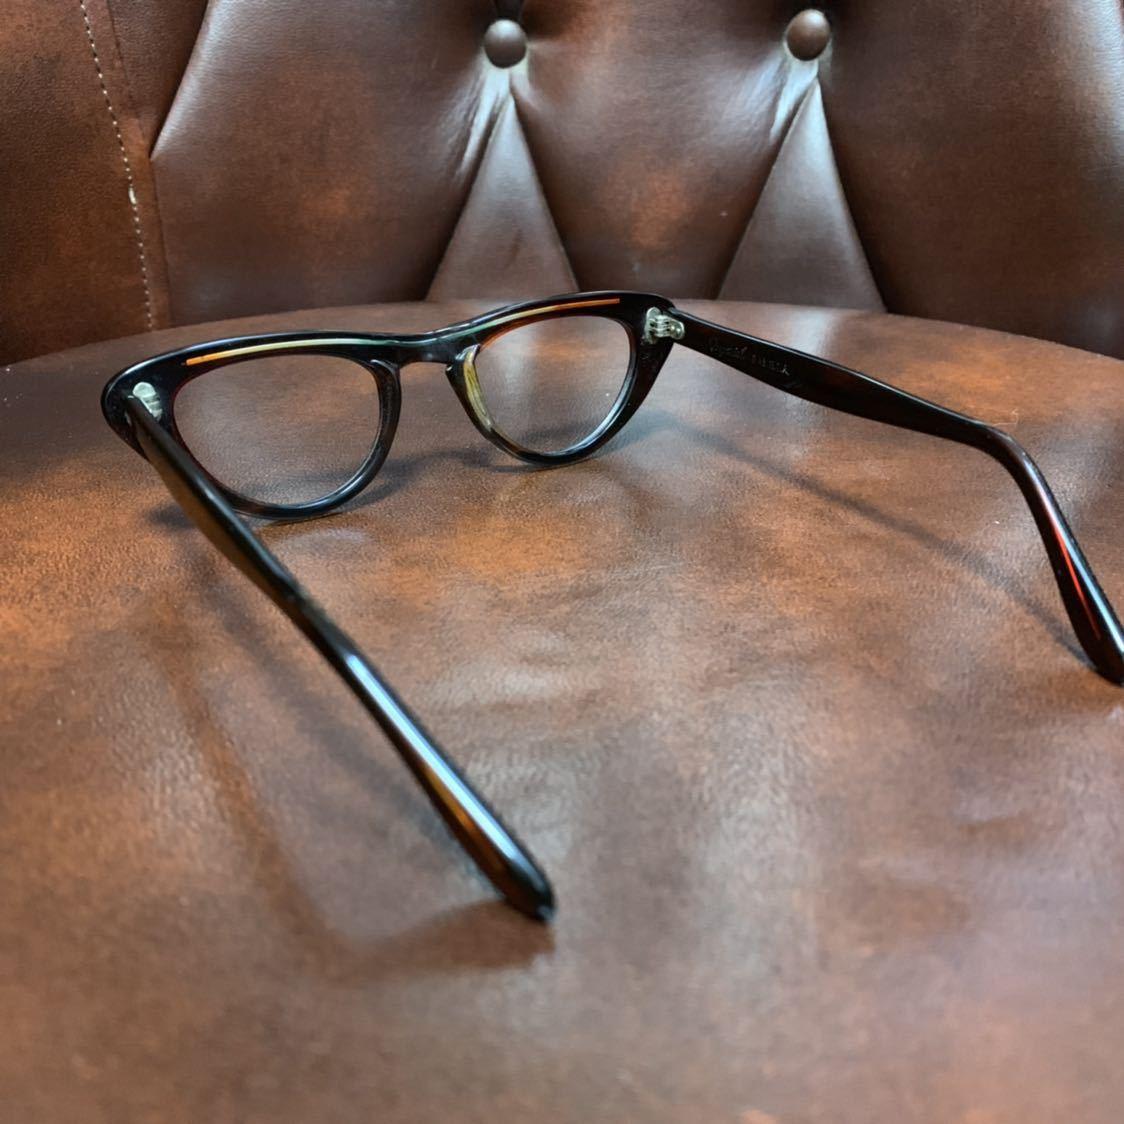 ヴィンテージ 50's デッドストック IMPERIAL セルフレーム 眼鏡 メガネ フォックス キャッツアイ_画像2